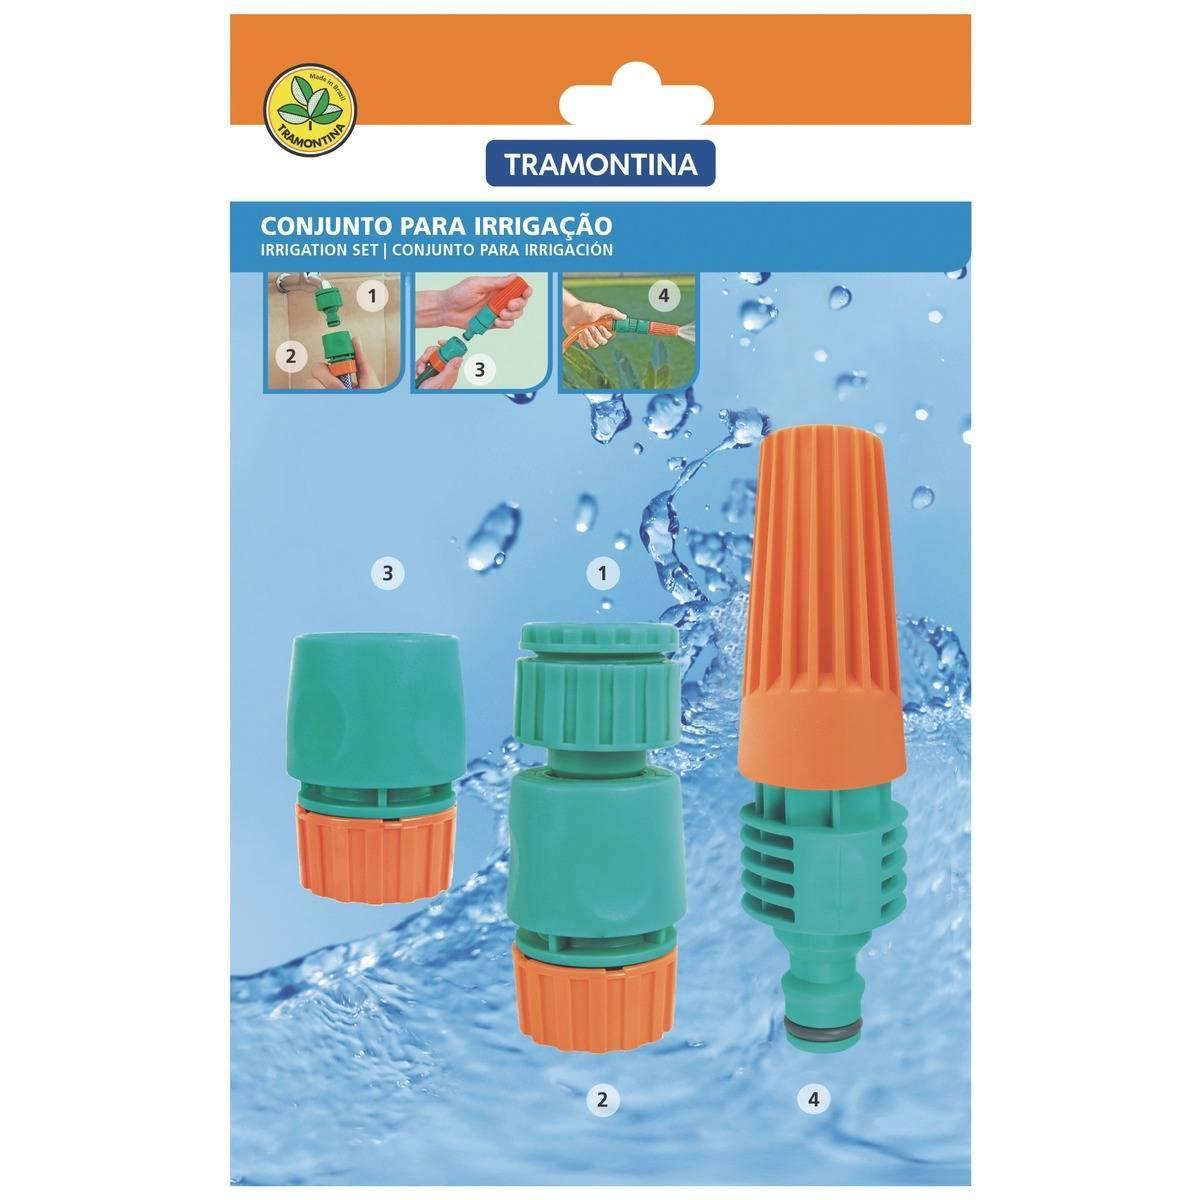 Conjunto Irrigação Tramontina 4 peças - Casa Sul Materiais e Acabamento